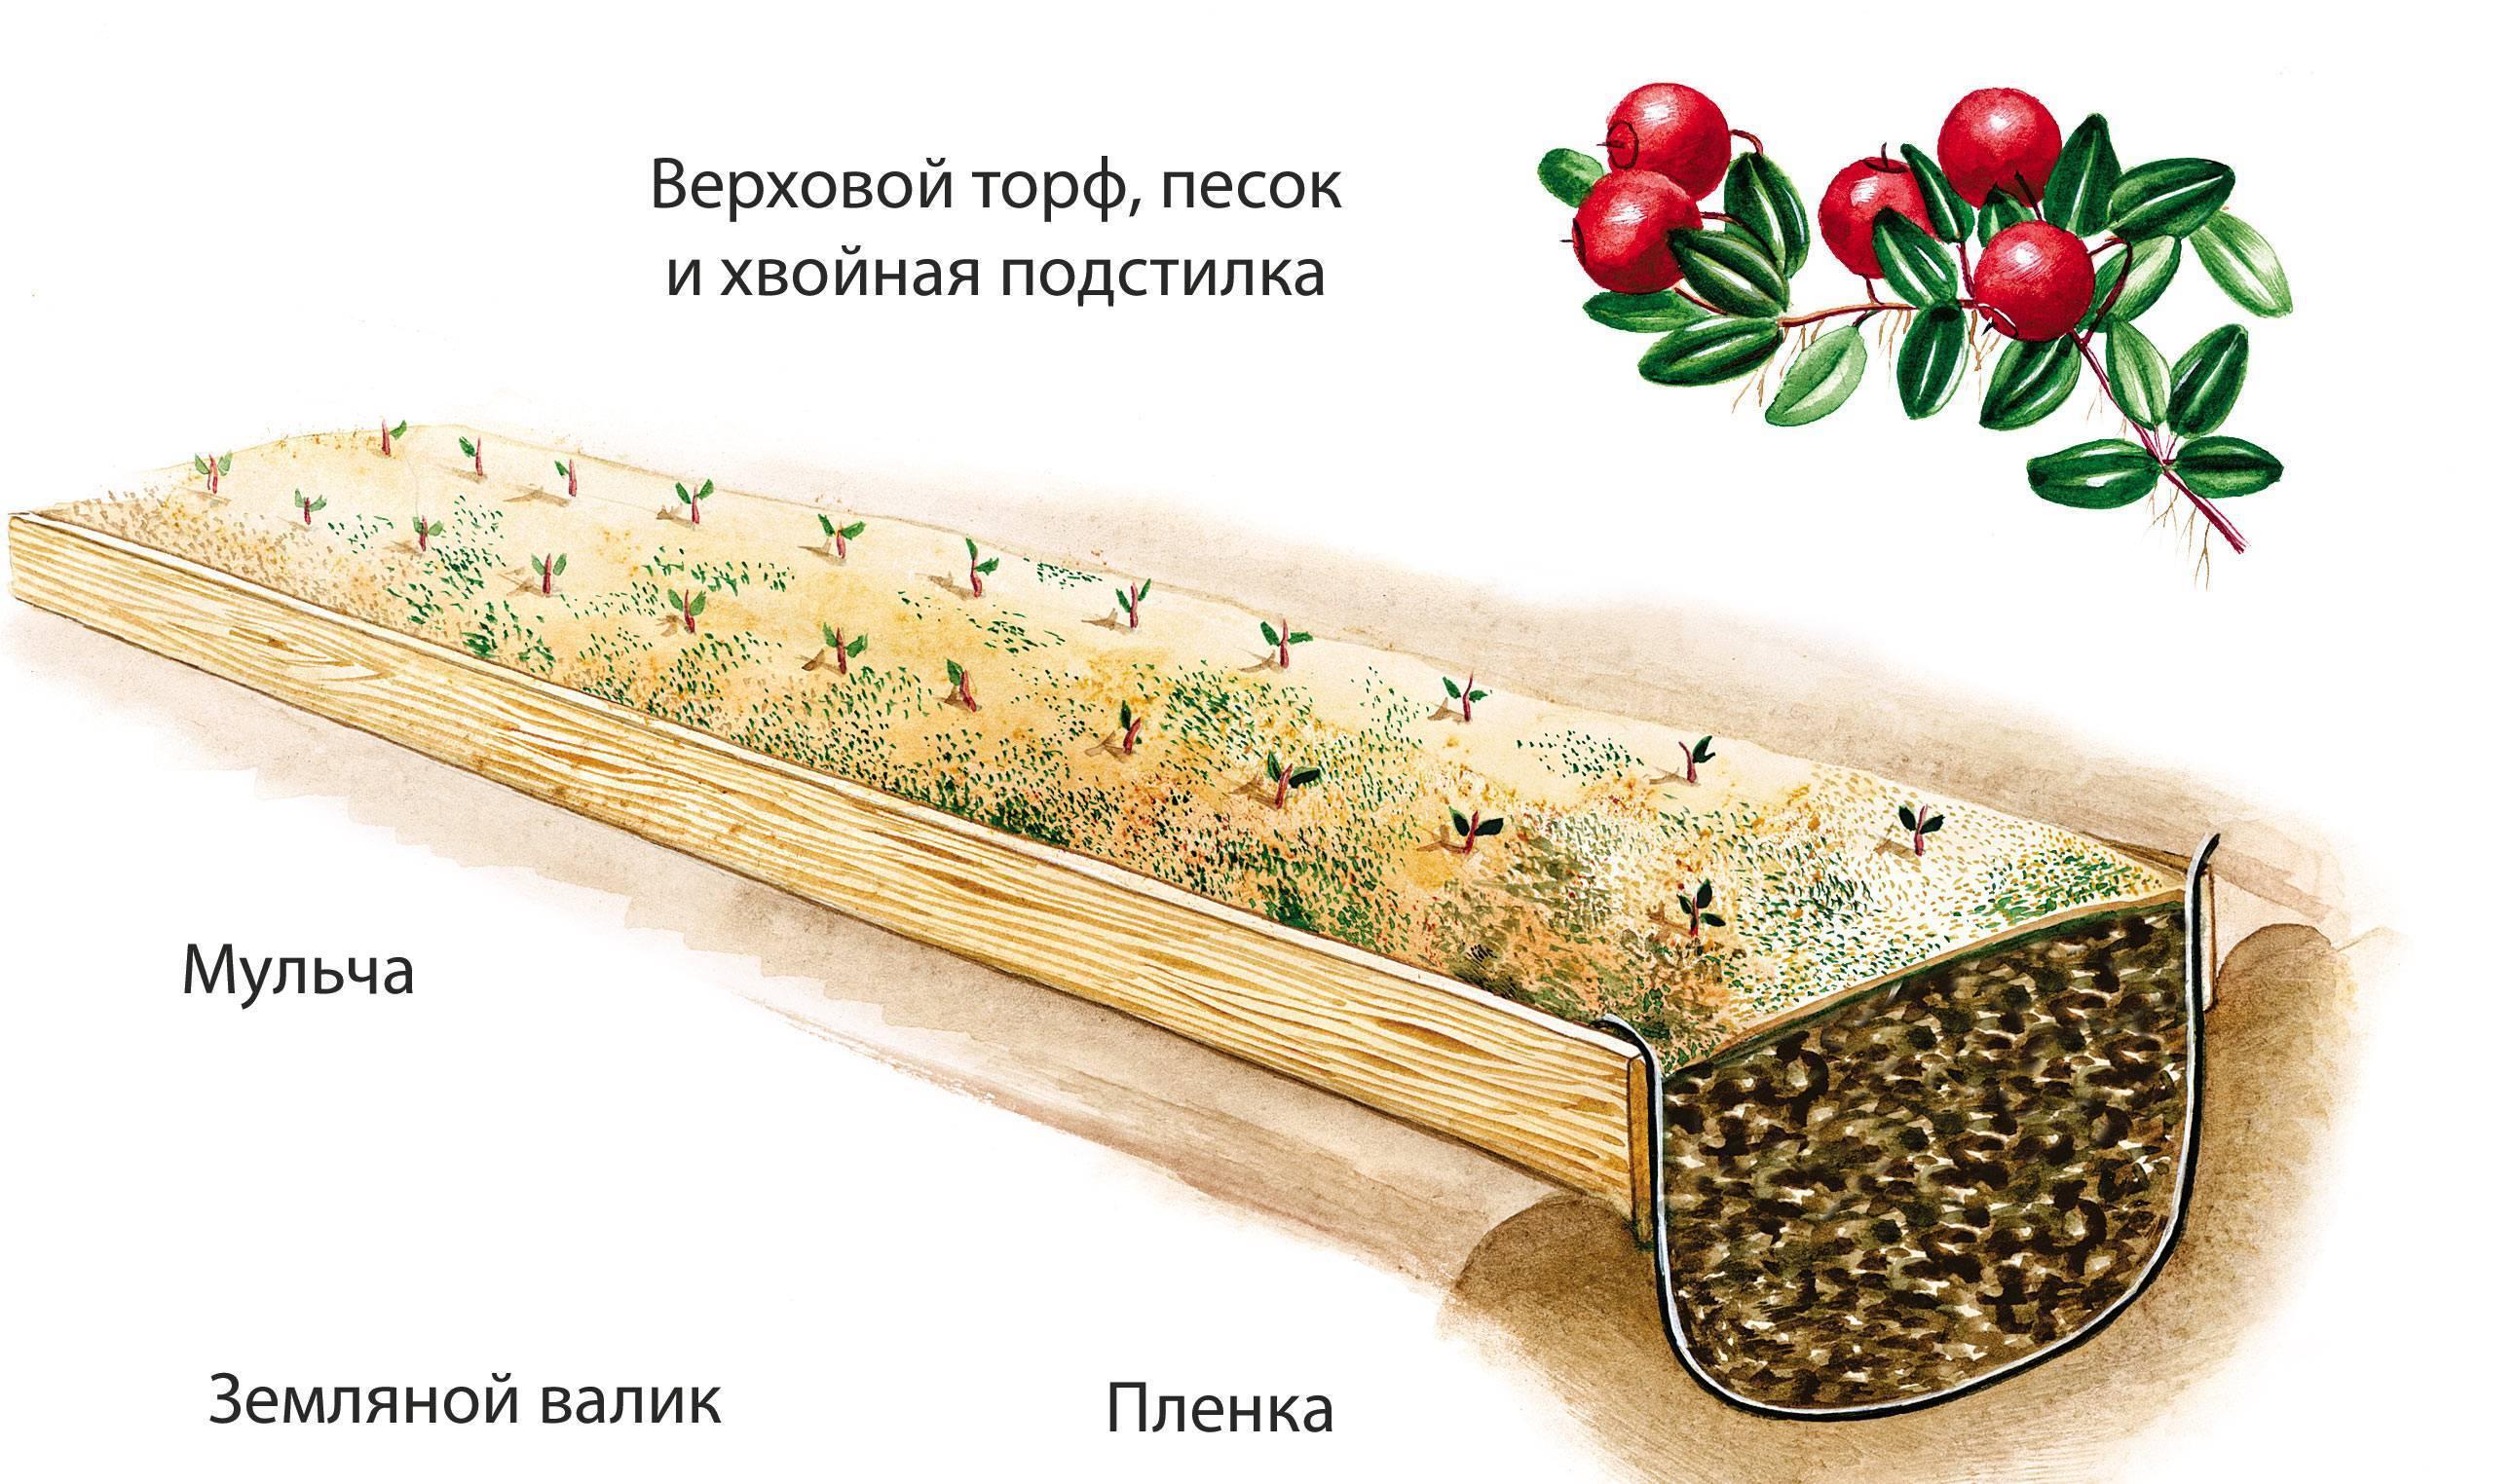 Клюква садовая: выращивание, посадка и уход, фото